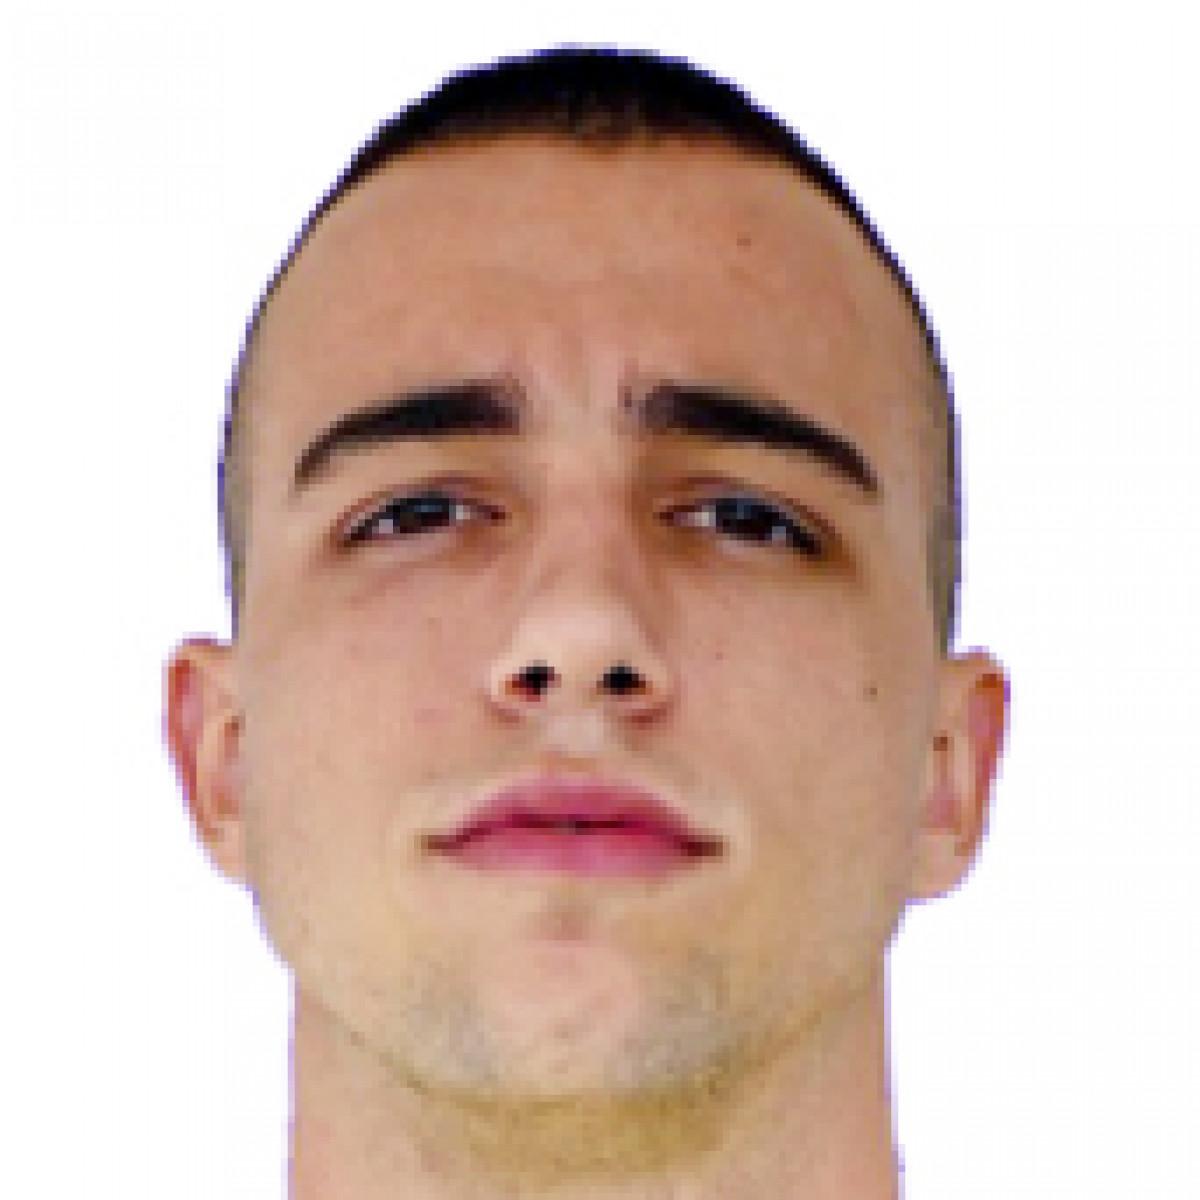 Mate Mandic